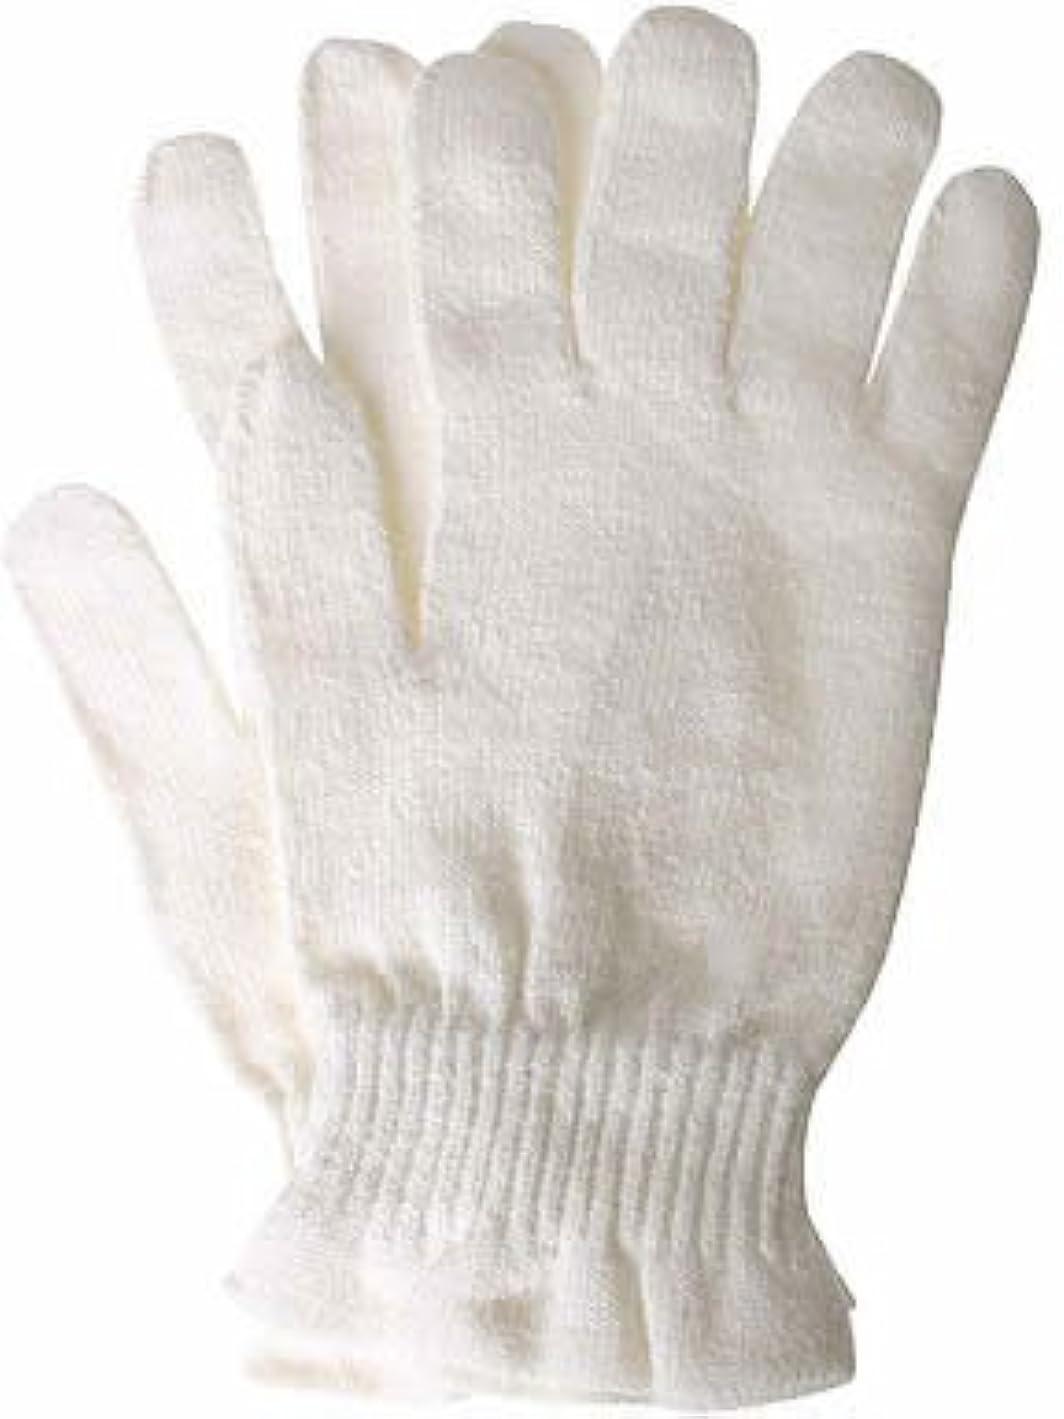 送った多様性リッチコクーンフィットシルク おやすみ手袋 オフホワイト